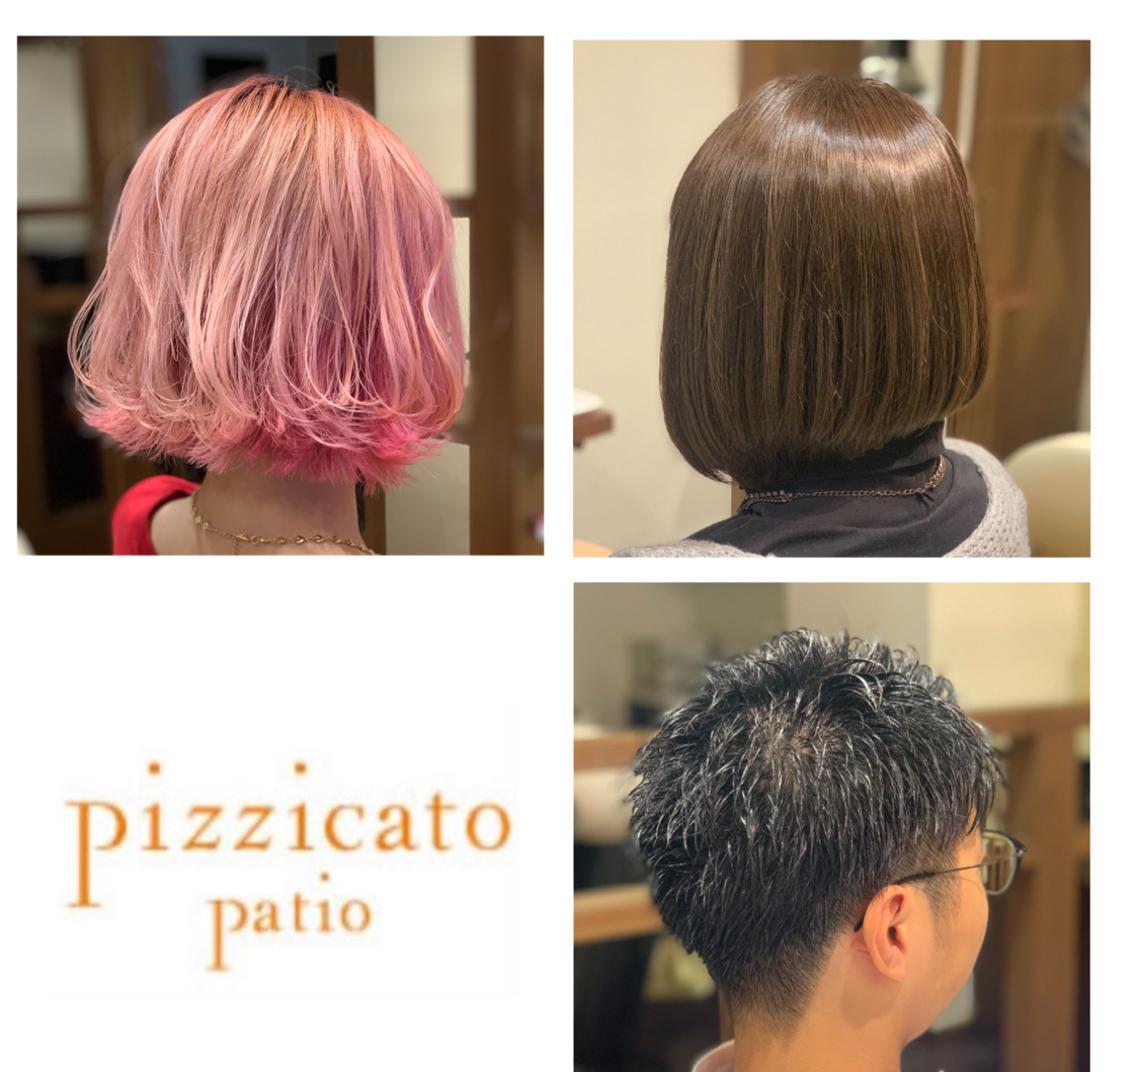 pizzicatopatio所属・pizzicatopatio亀井の掲載